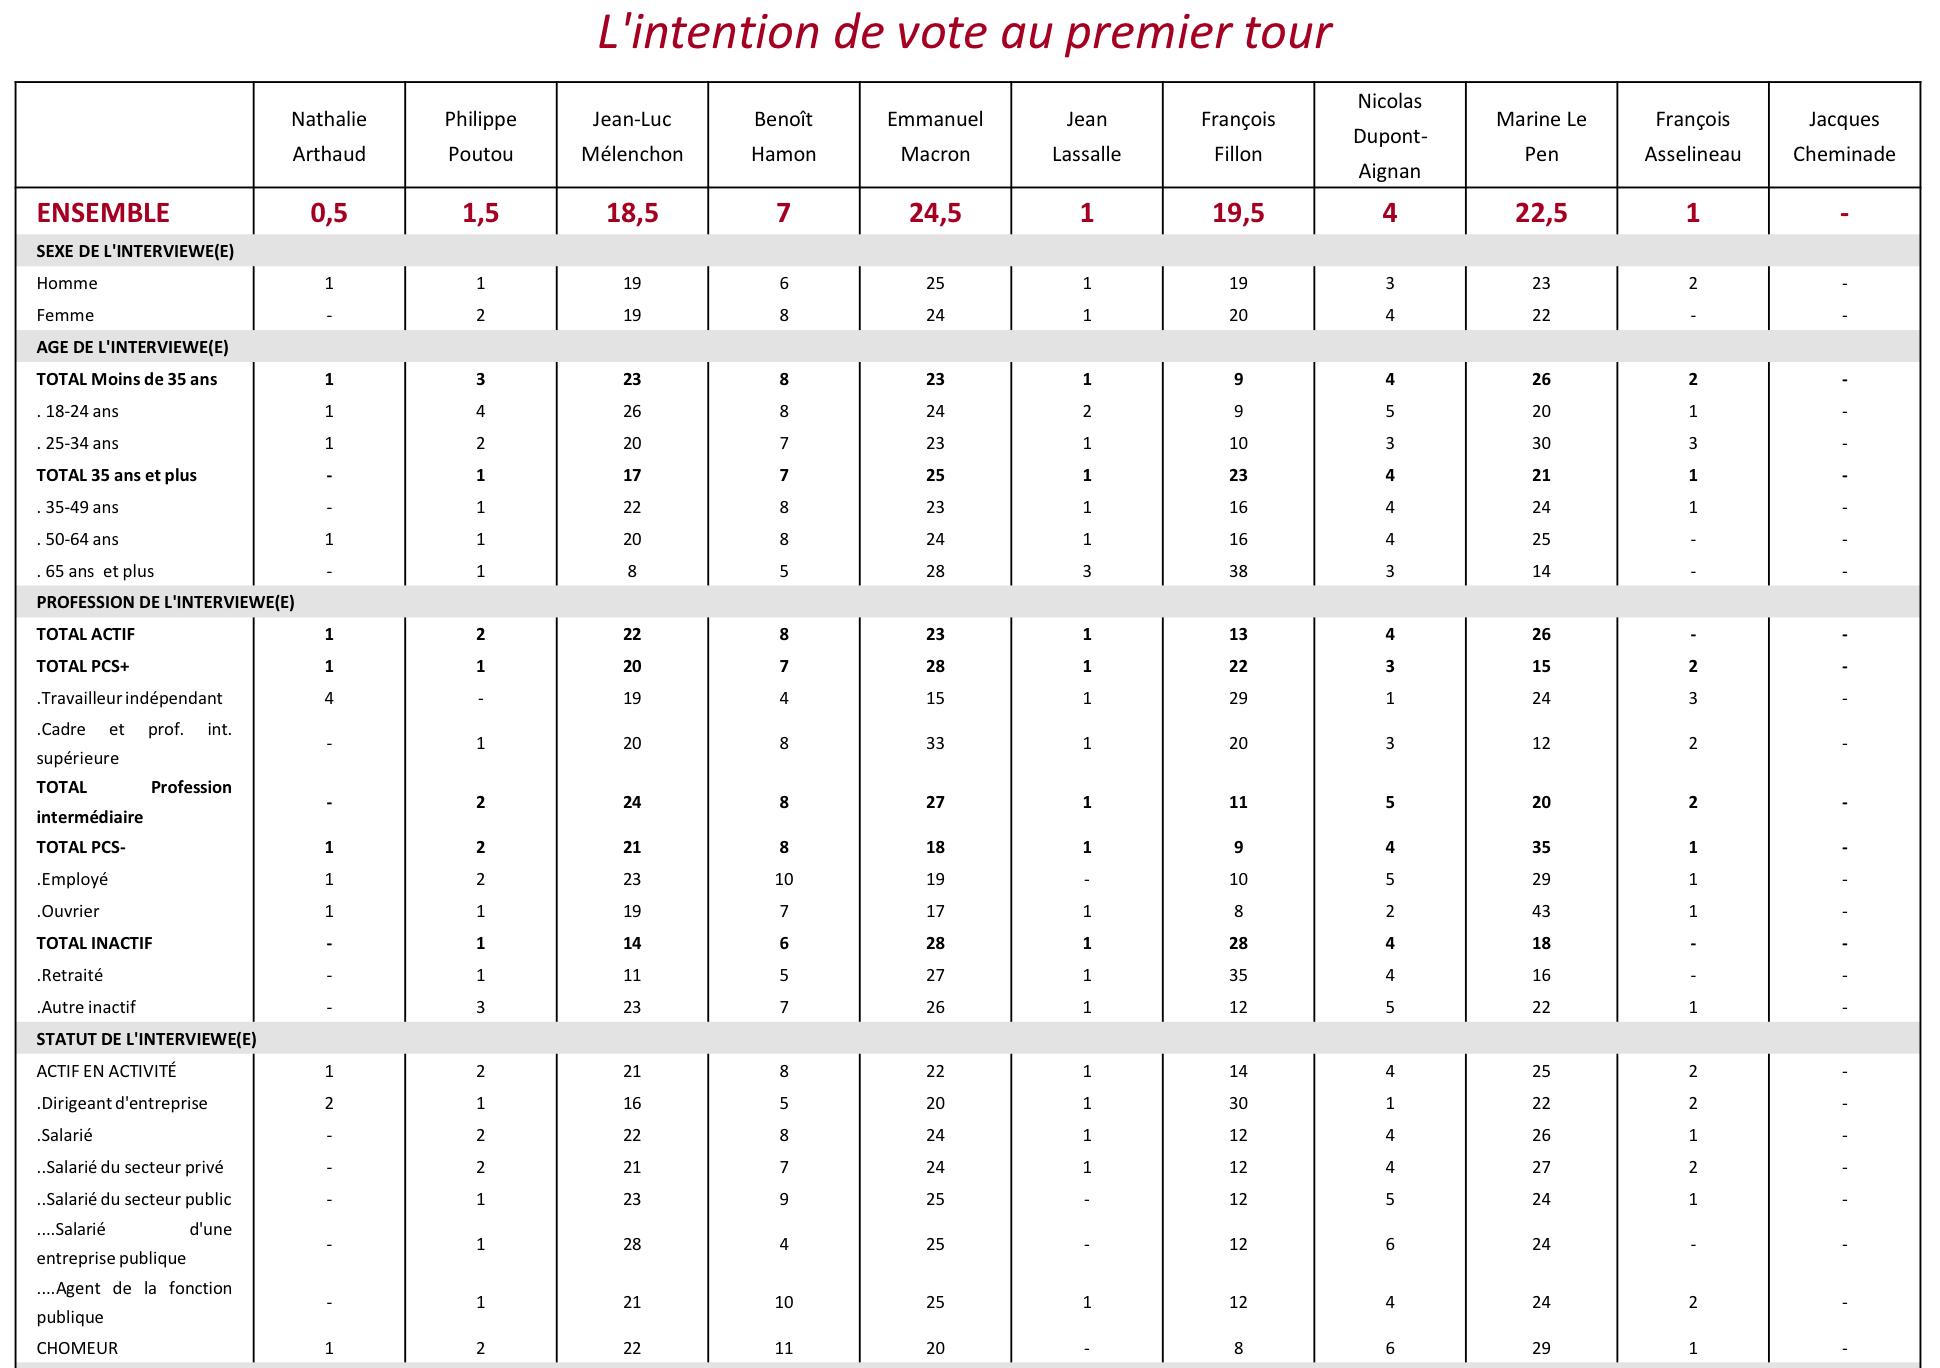 per categorie 5 cose da sapere sulle elezioni in Francia